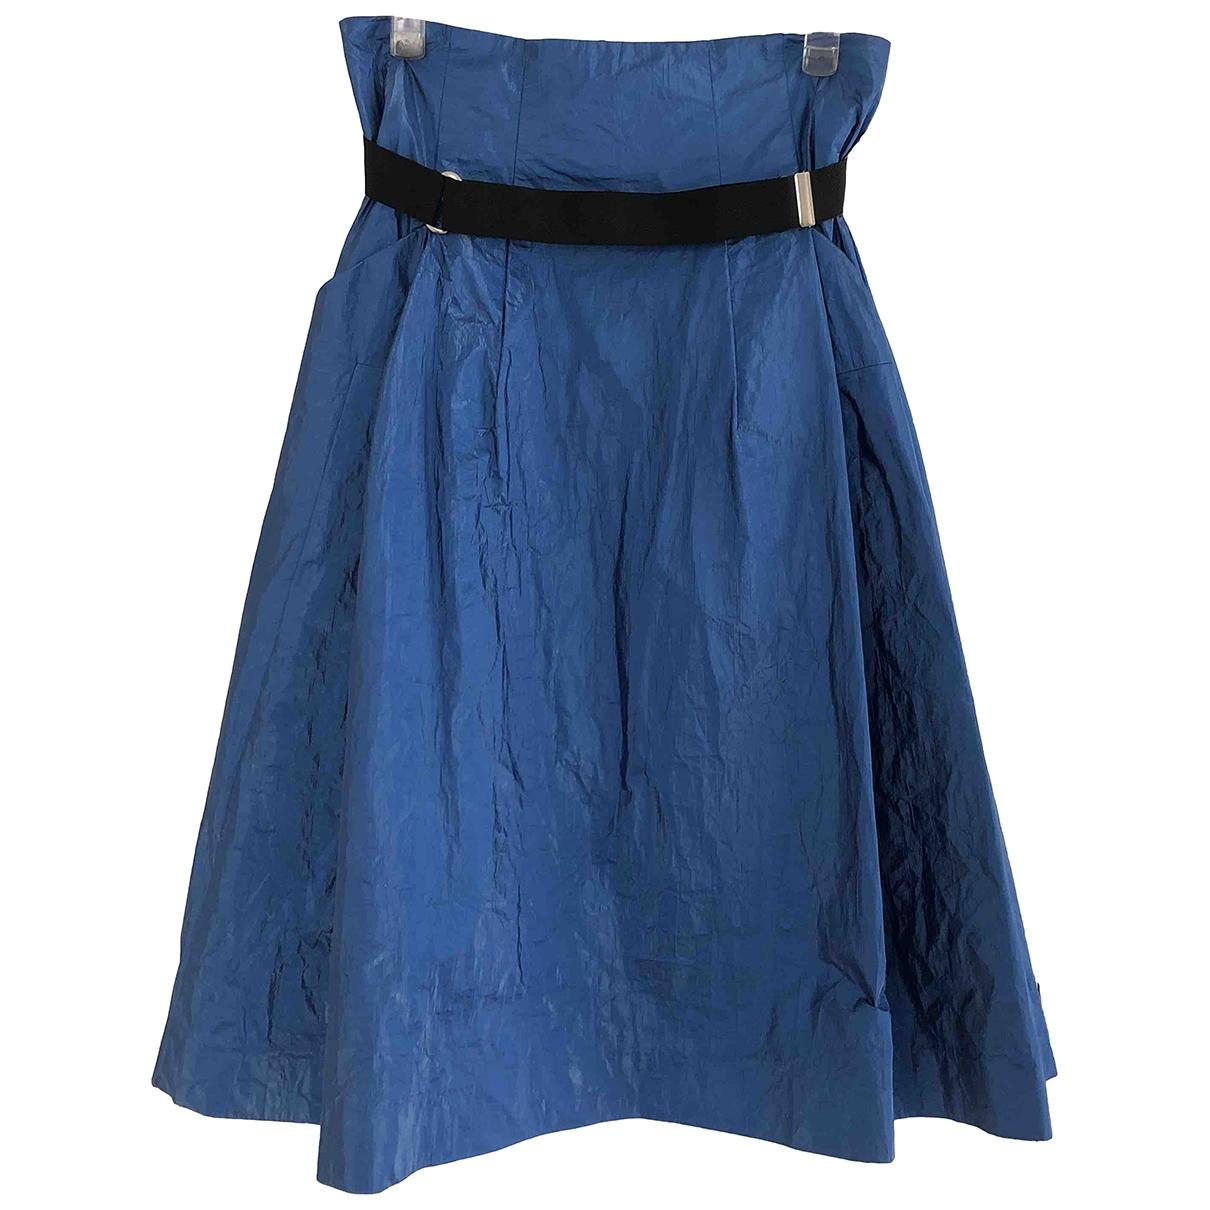 Toga Pulla \N Rocke in  Blau Polyester